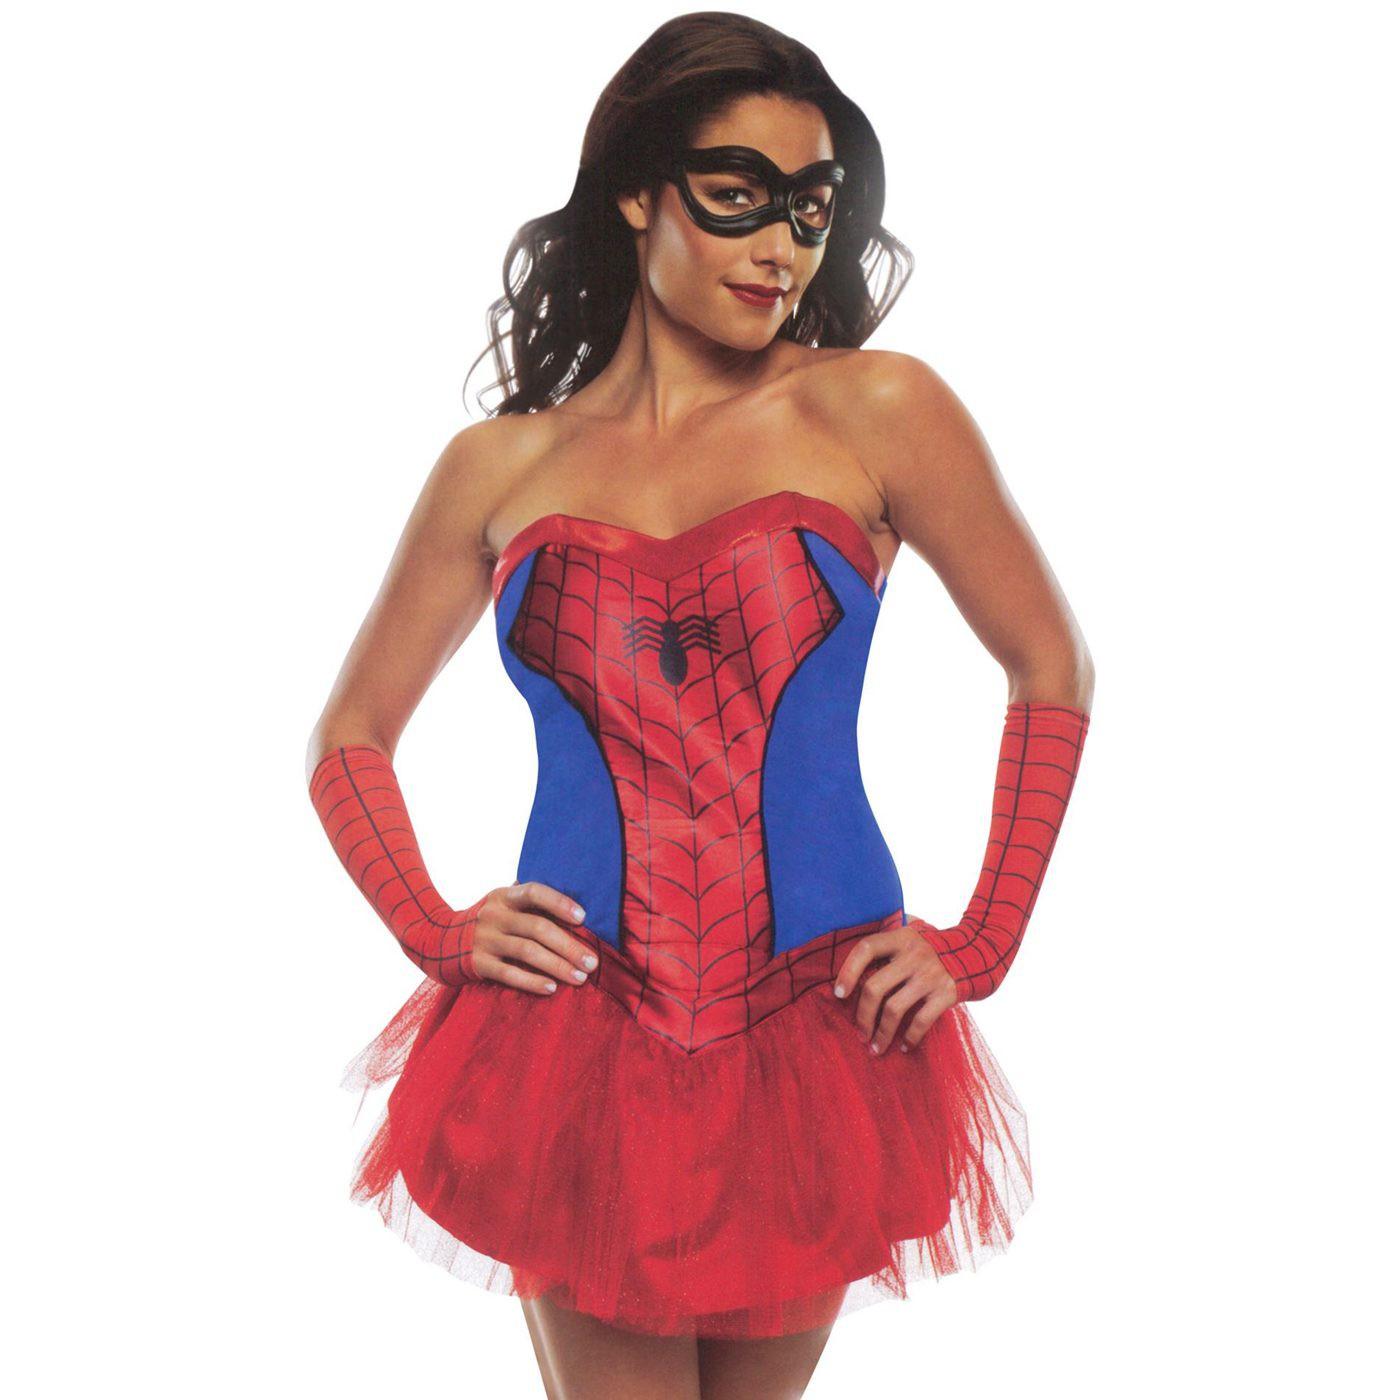 Spider-Man Spider-Girl Women's Costume